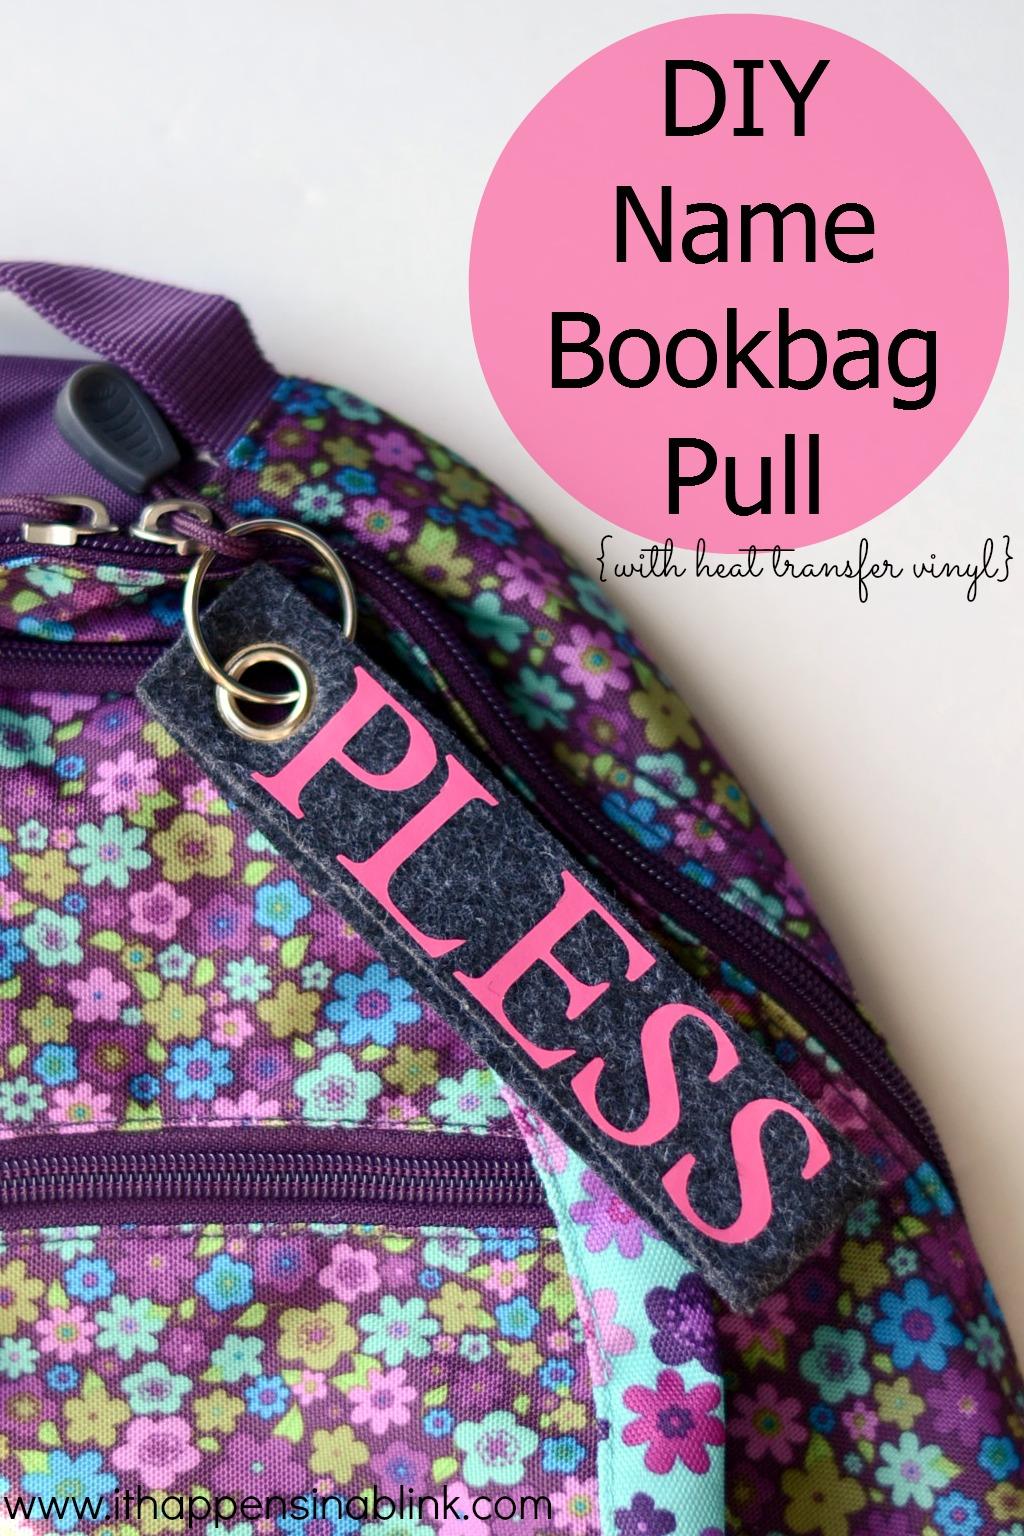 DIY Bookbag Pull with Heat Transfer Vinyl